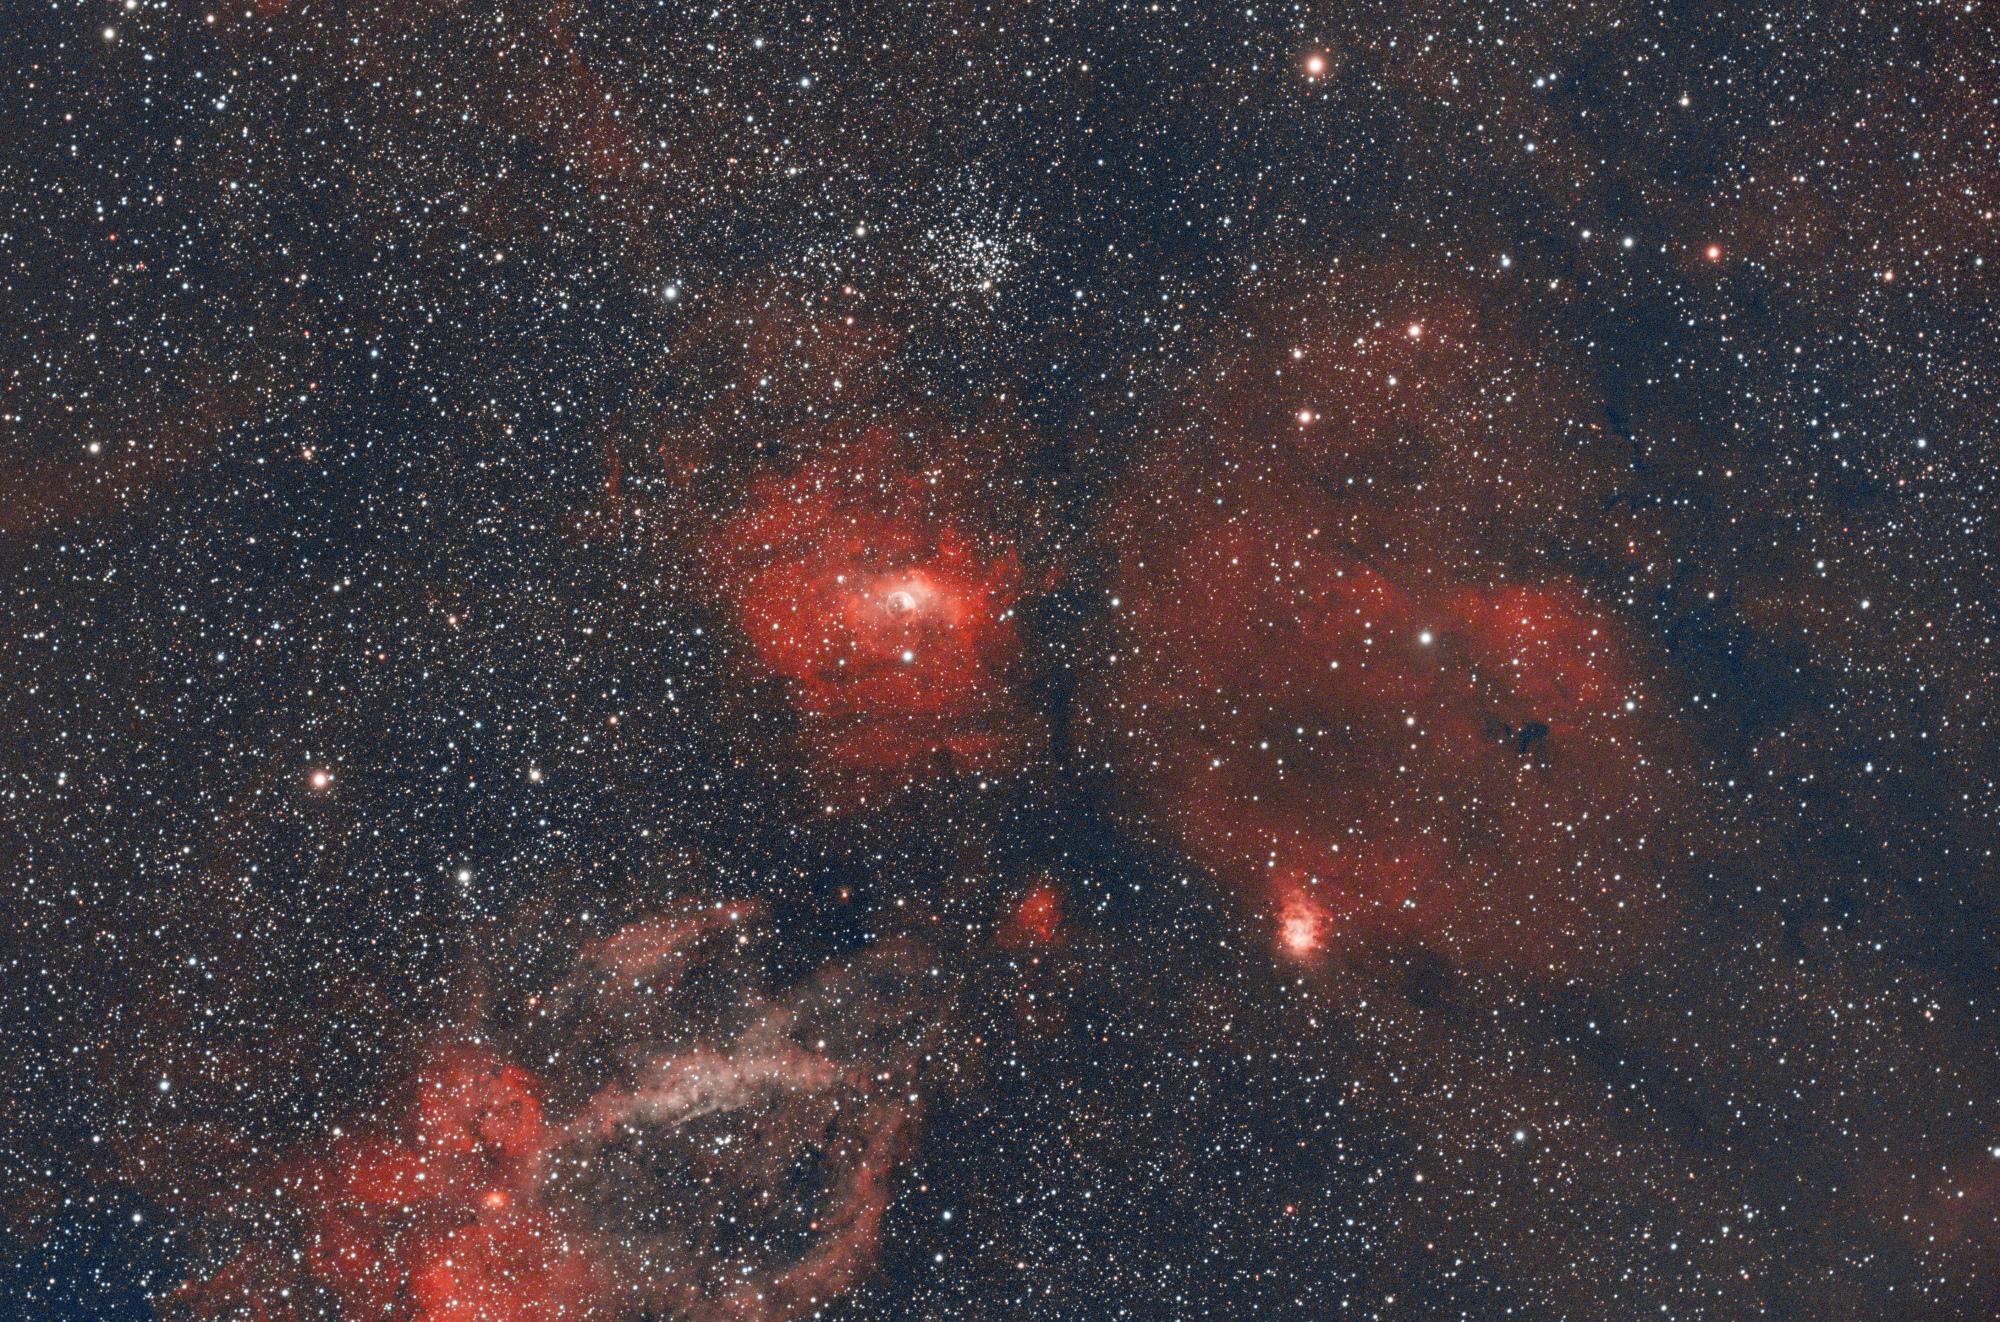 NGC7635_60x300s_Bin1_gain100_-20C_GIMP_niv_net_crop.thumb.jpg.51ece3a40bc4f092a8e3368690e6ae46.jpg